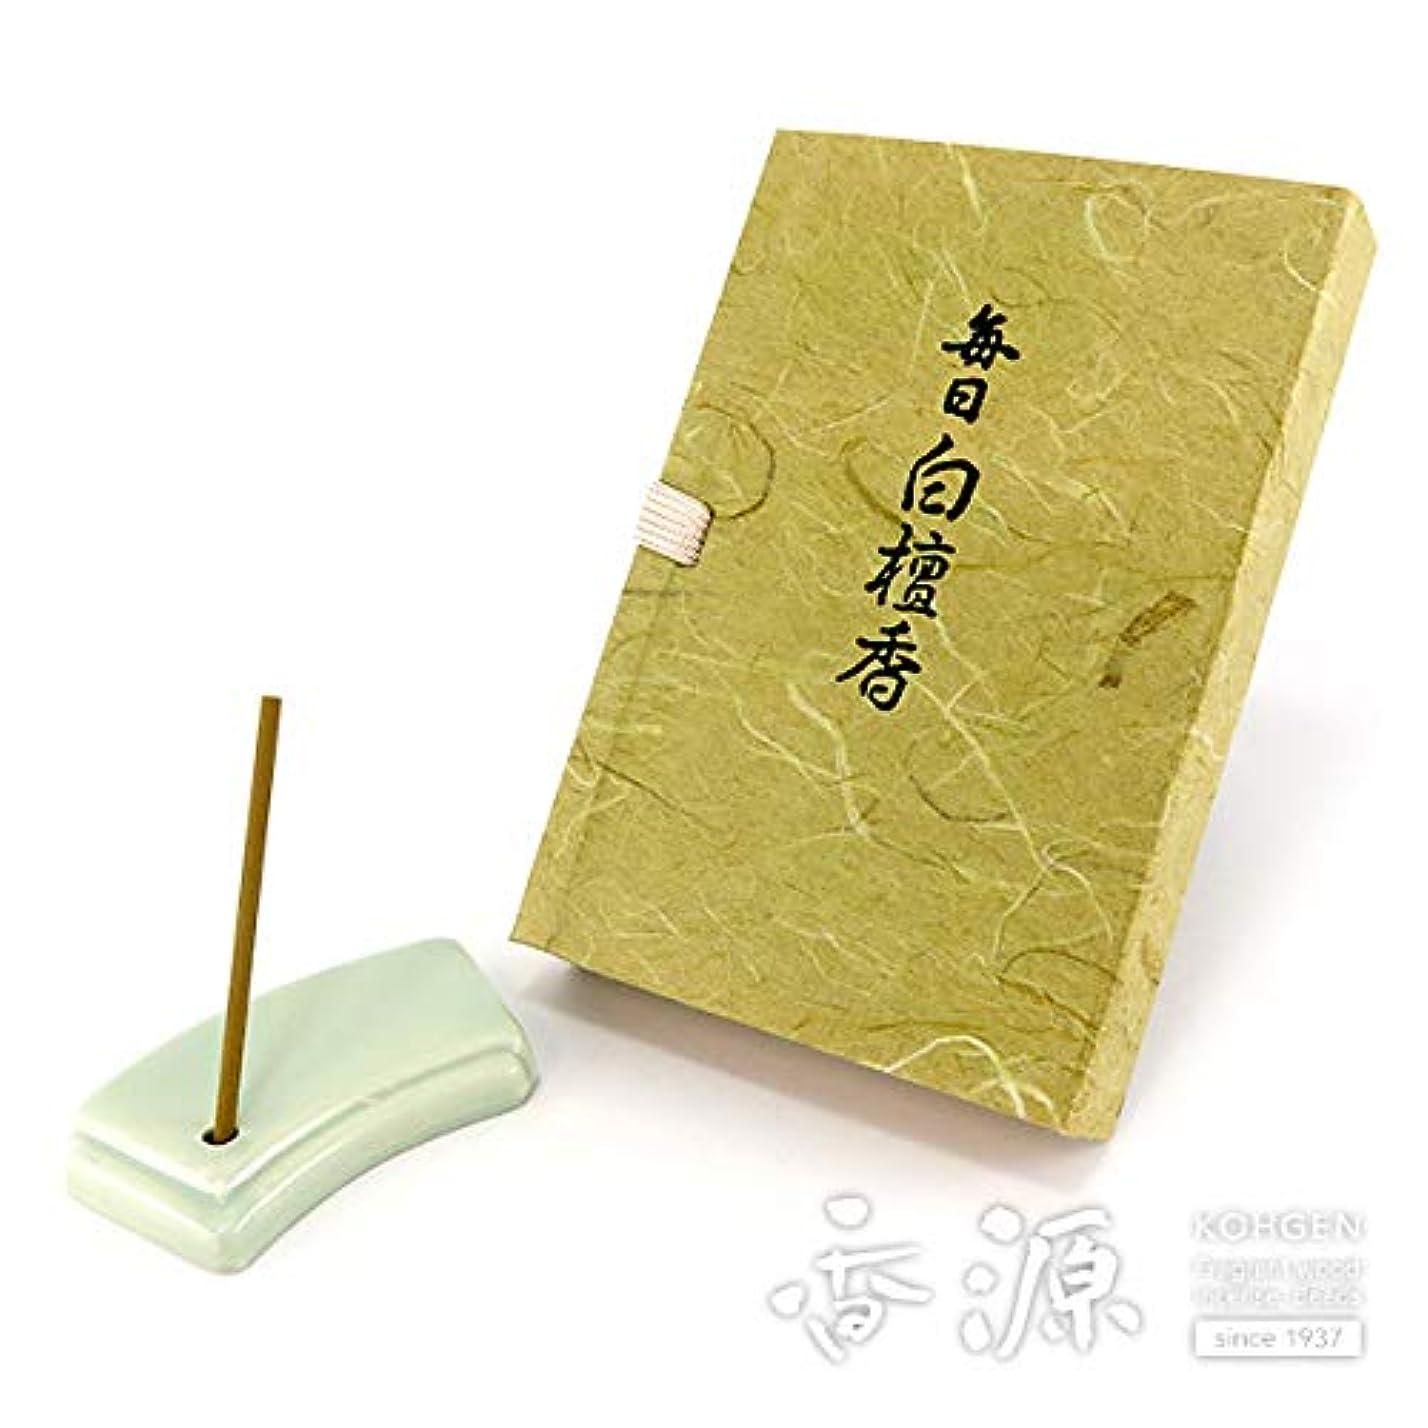 ジョージスティーブンソンキルト吸収する日本香堂のお香 毎日白檀香 スティックミニ寸文庫型60本入り